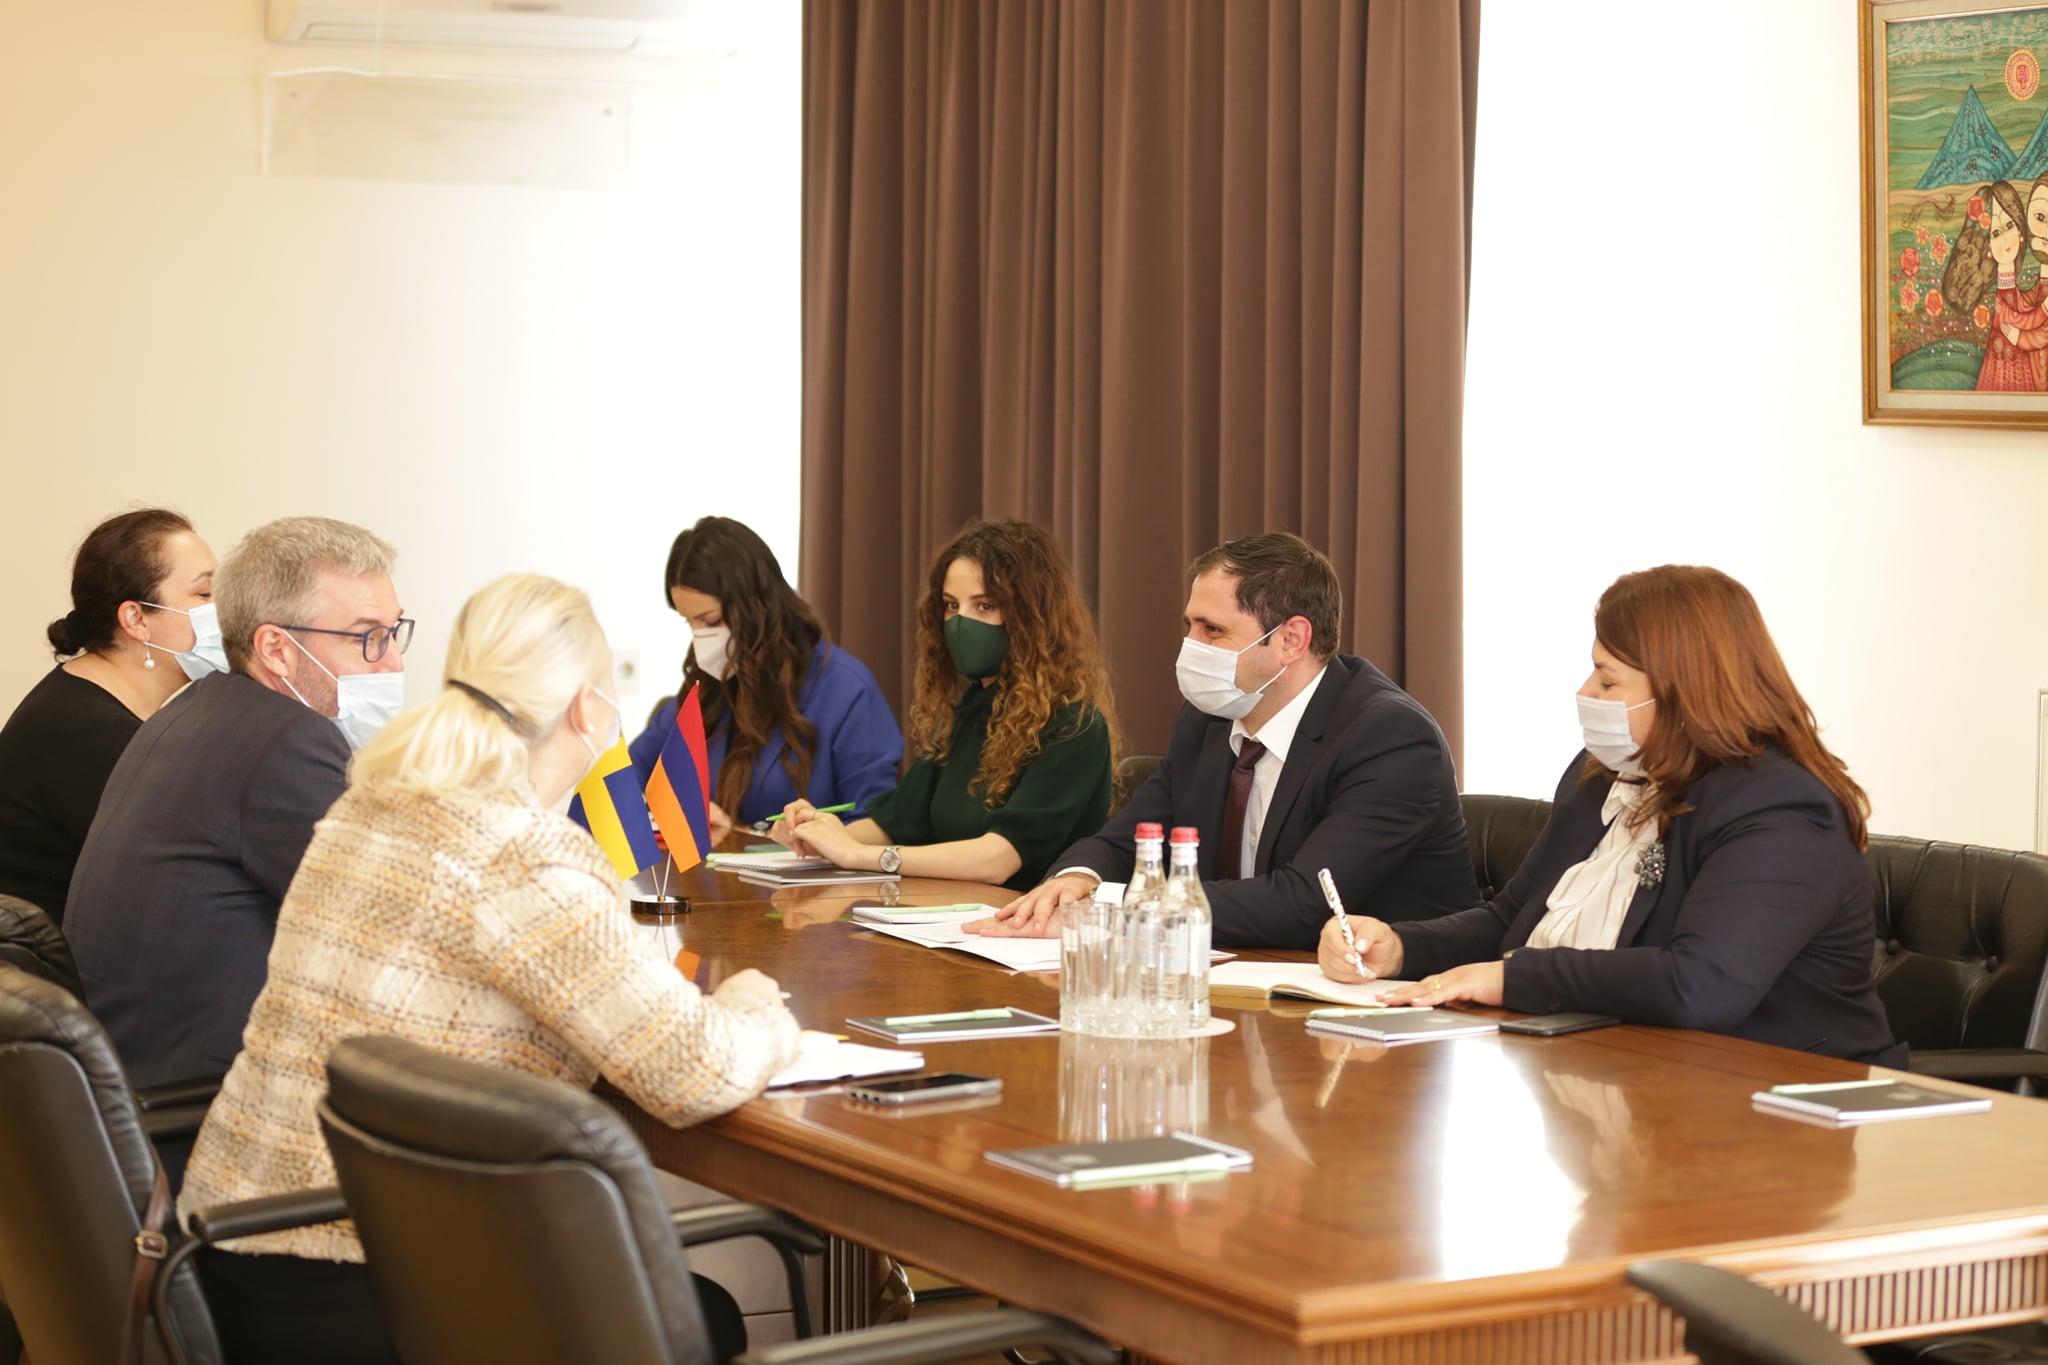 Photo of Սուրեն Պապիկյանն ընդունել է Հայաստանում Շվեդիայի արտակարգ և լիազոր դեսպանին